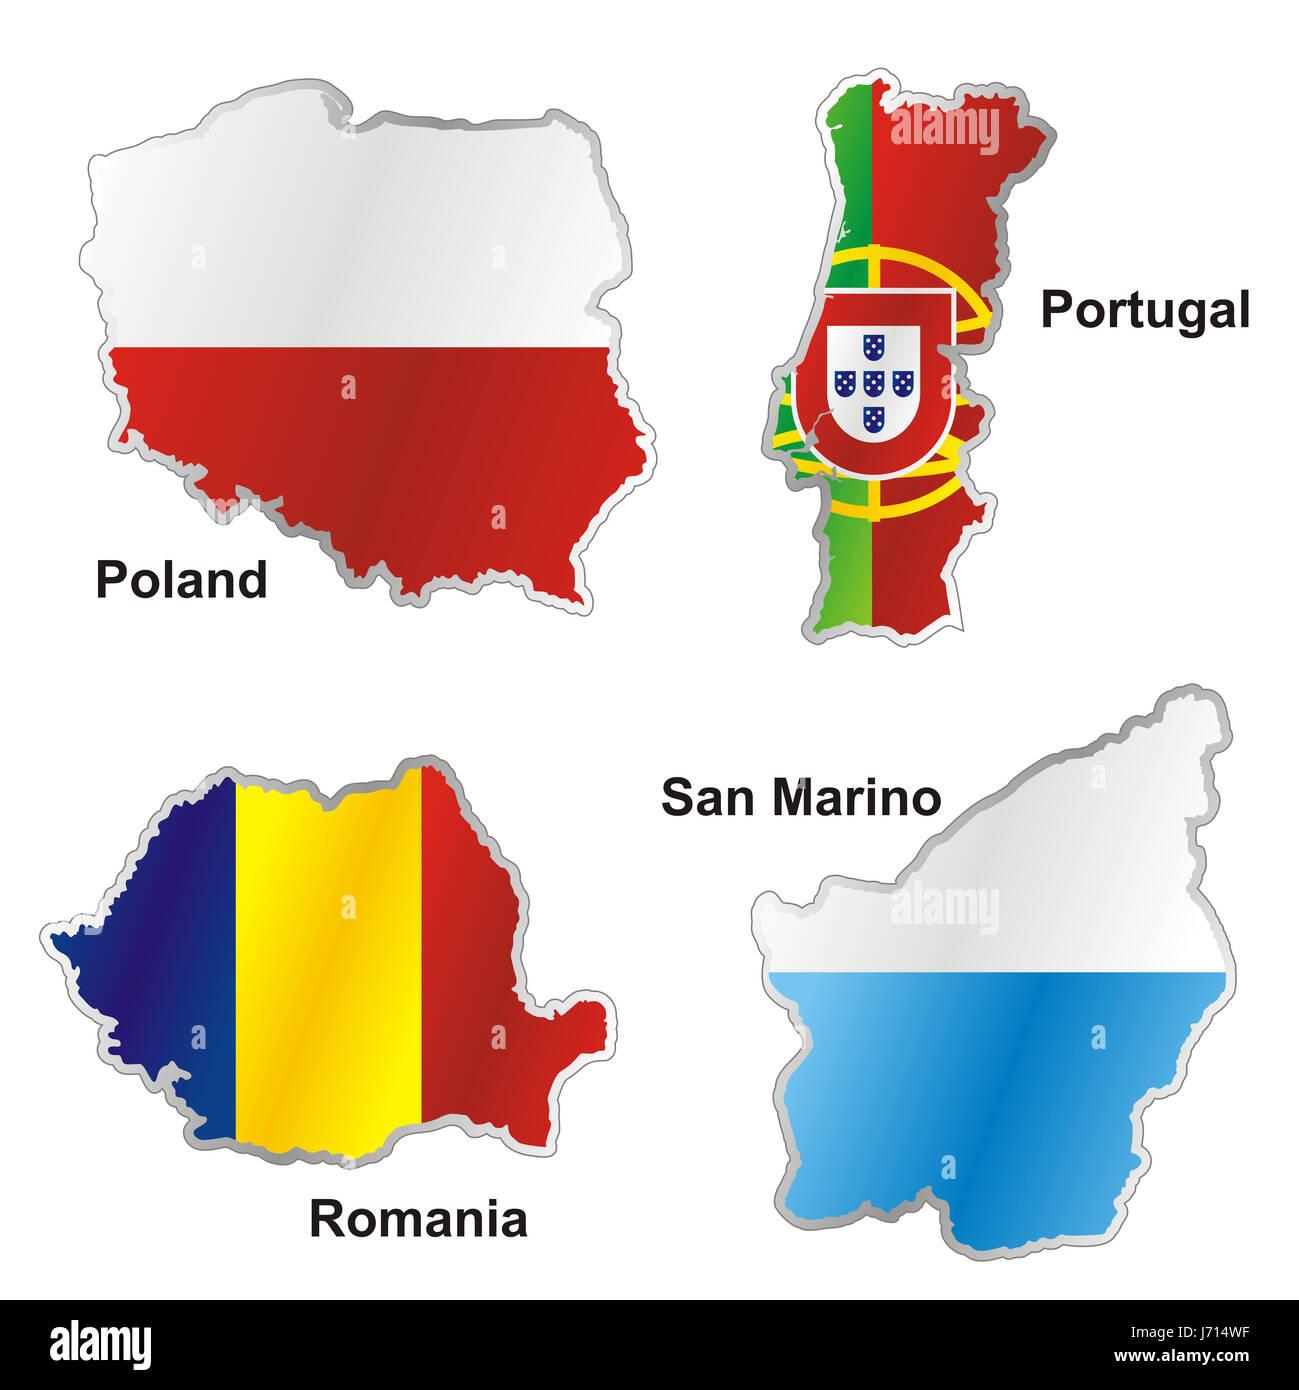 Carte Du Monde Pologne.D Un Drapeau Portugal Pologne Roumanie Atlas Des Cartes